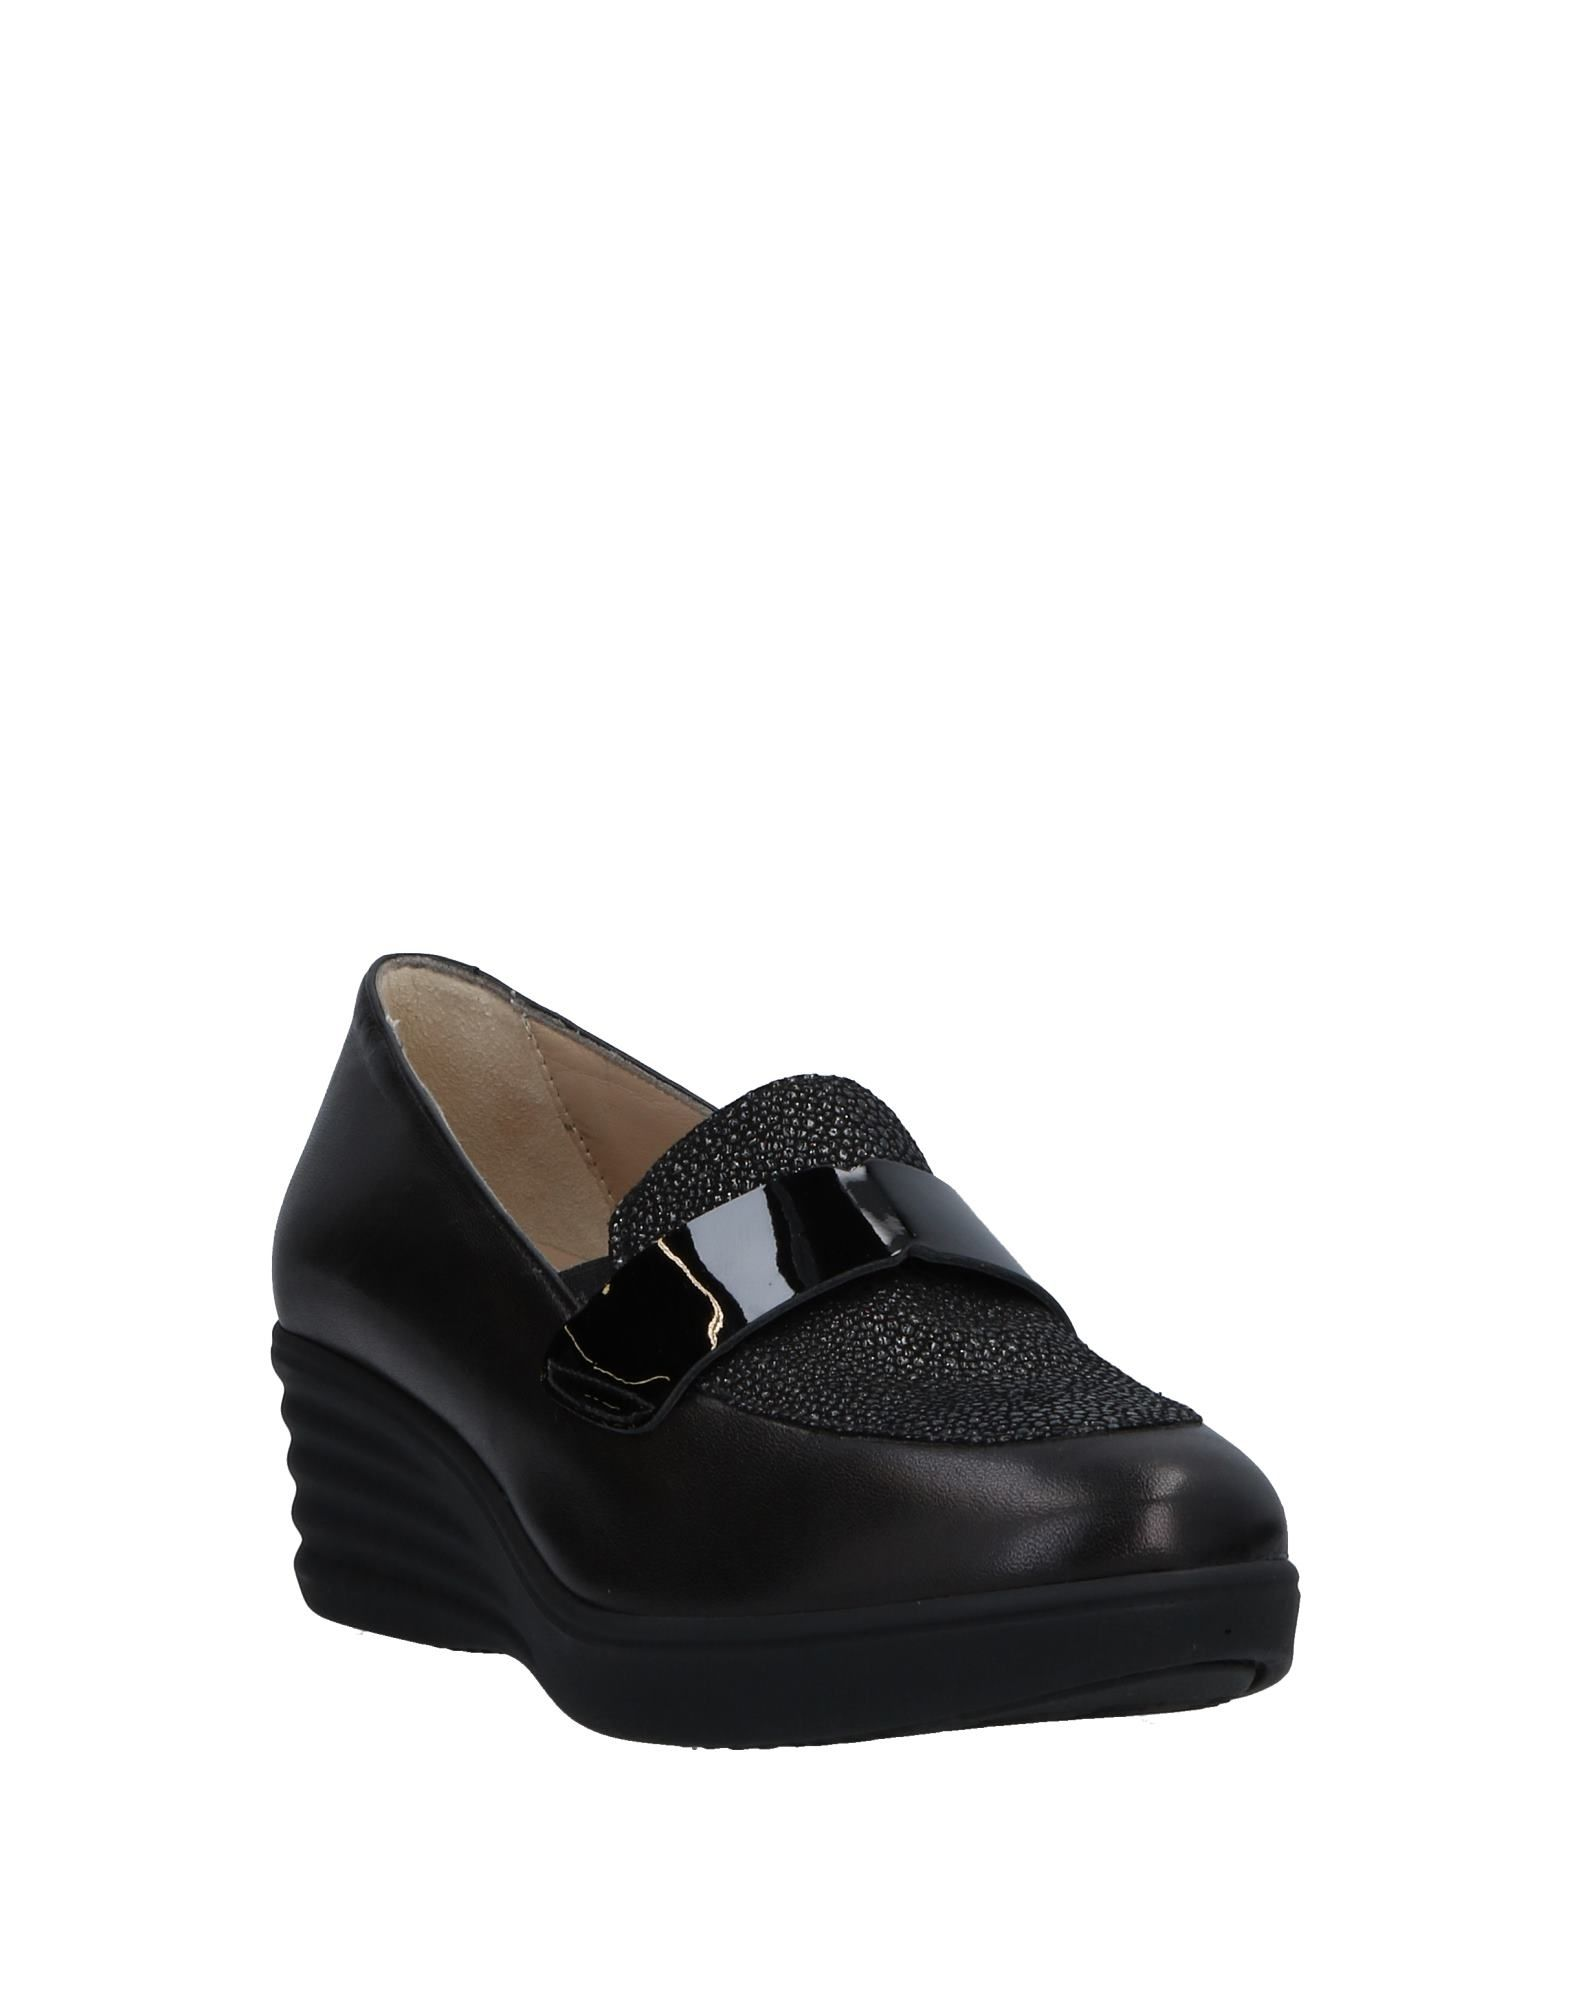 Donna Soft Pumps Damen beliebte  11521017NB Gute Qualität beliebte Damen Schuhe 8e67a2